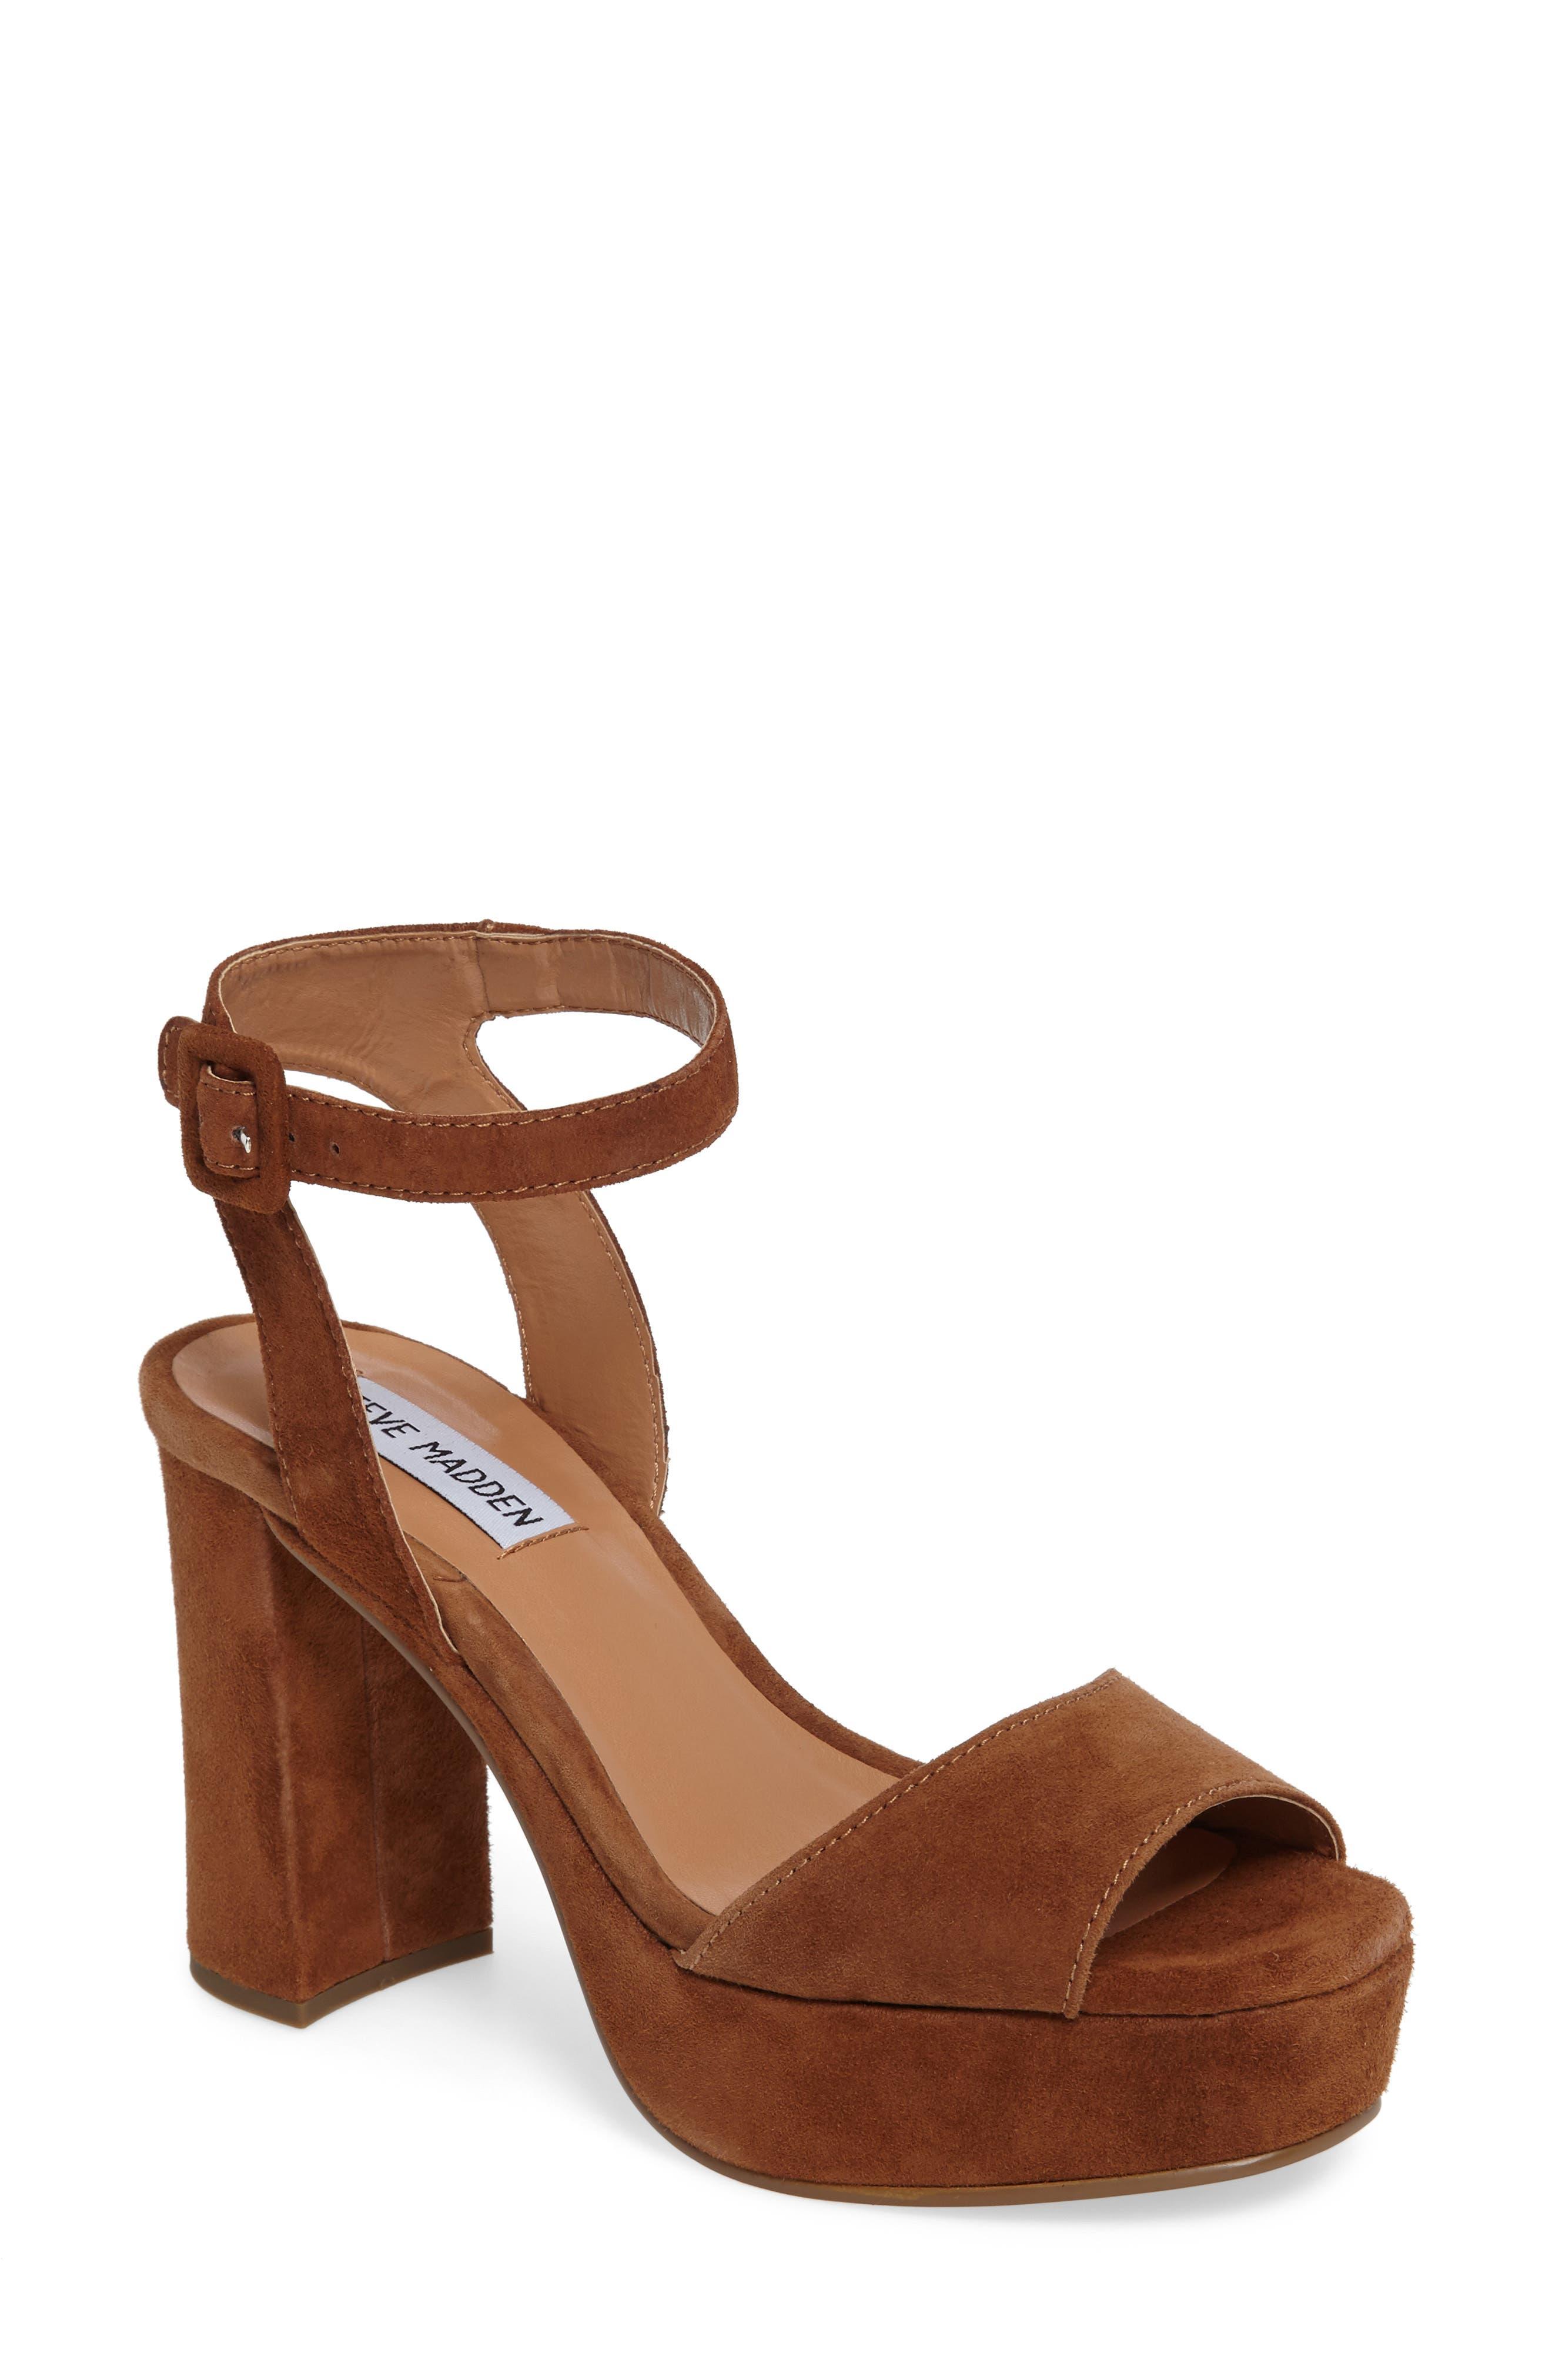 Main Image - Steve Madden Verdict Platform Sandal (Women)